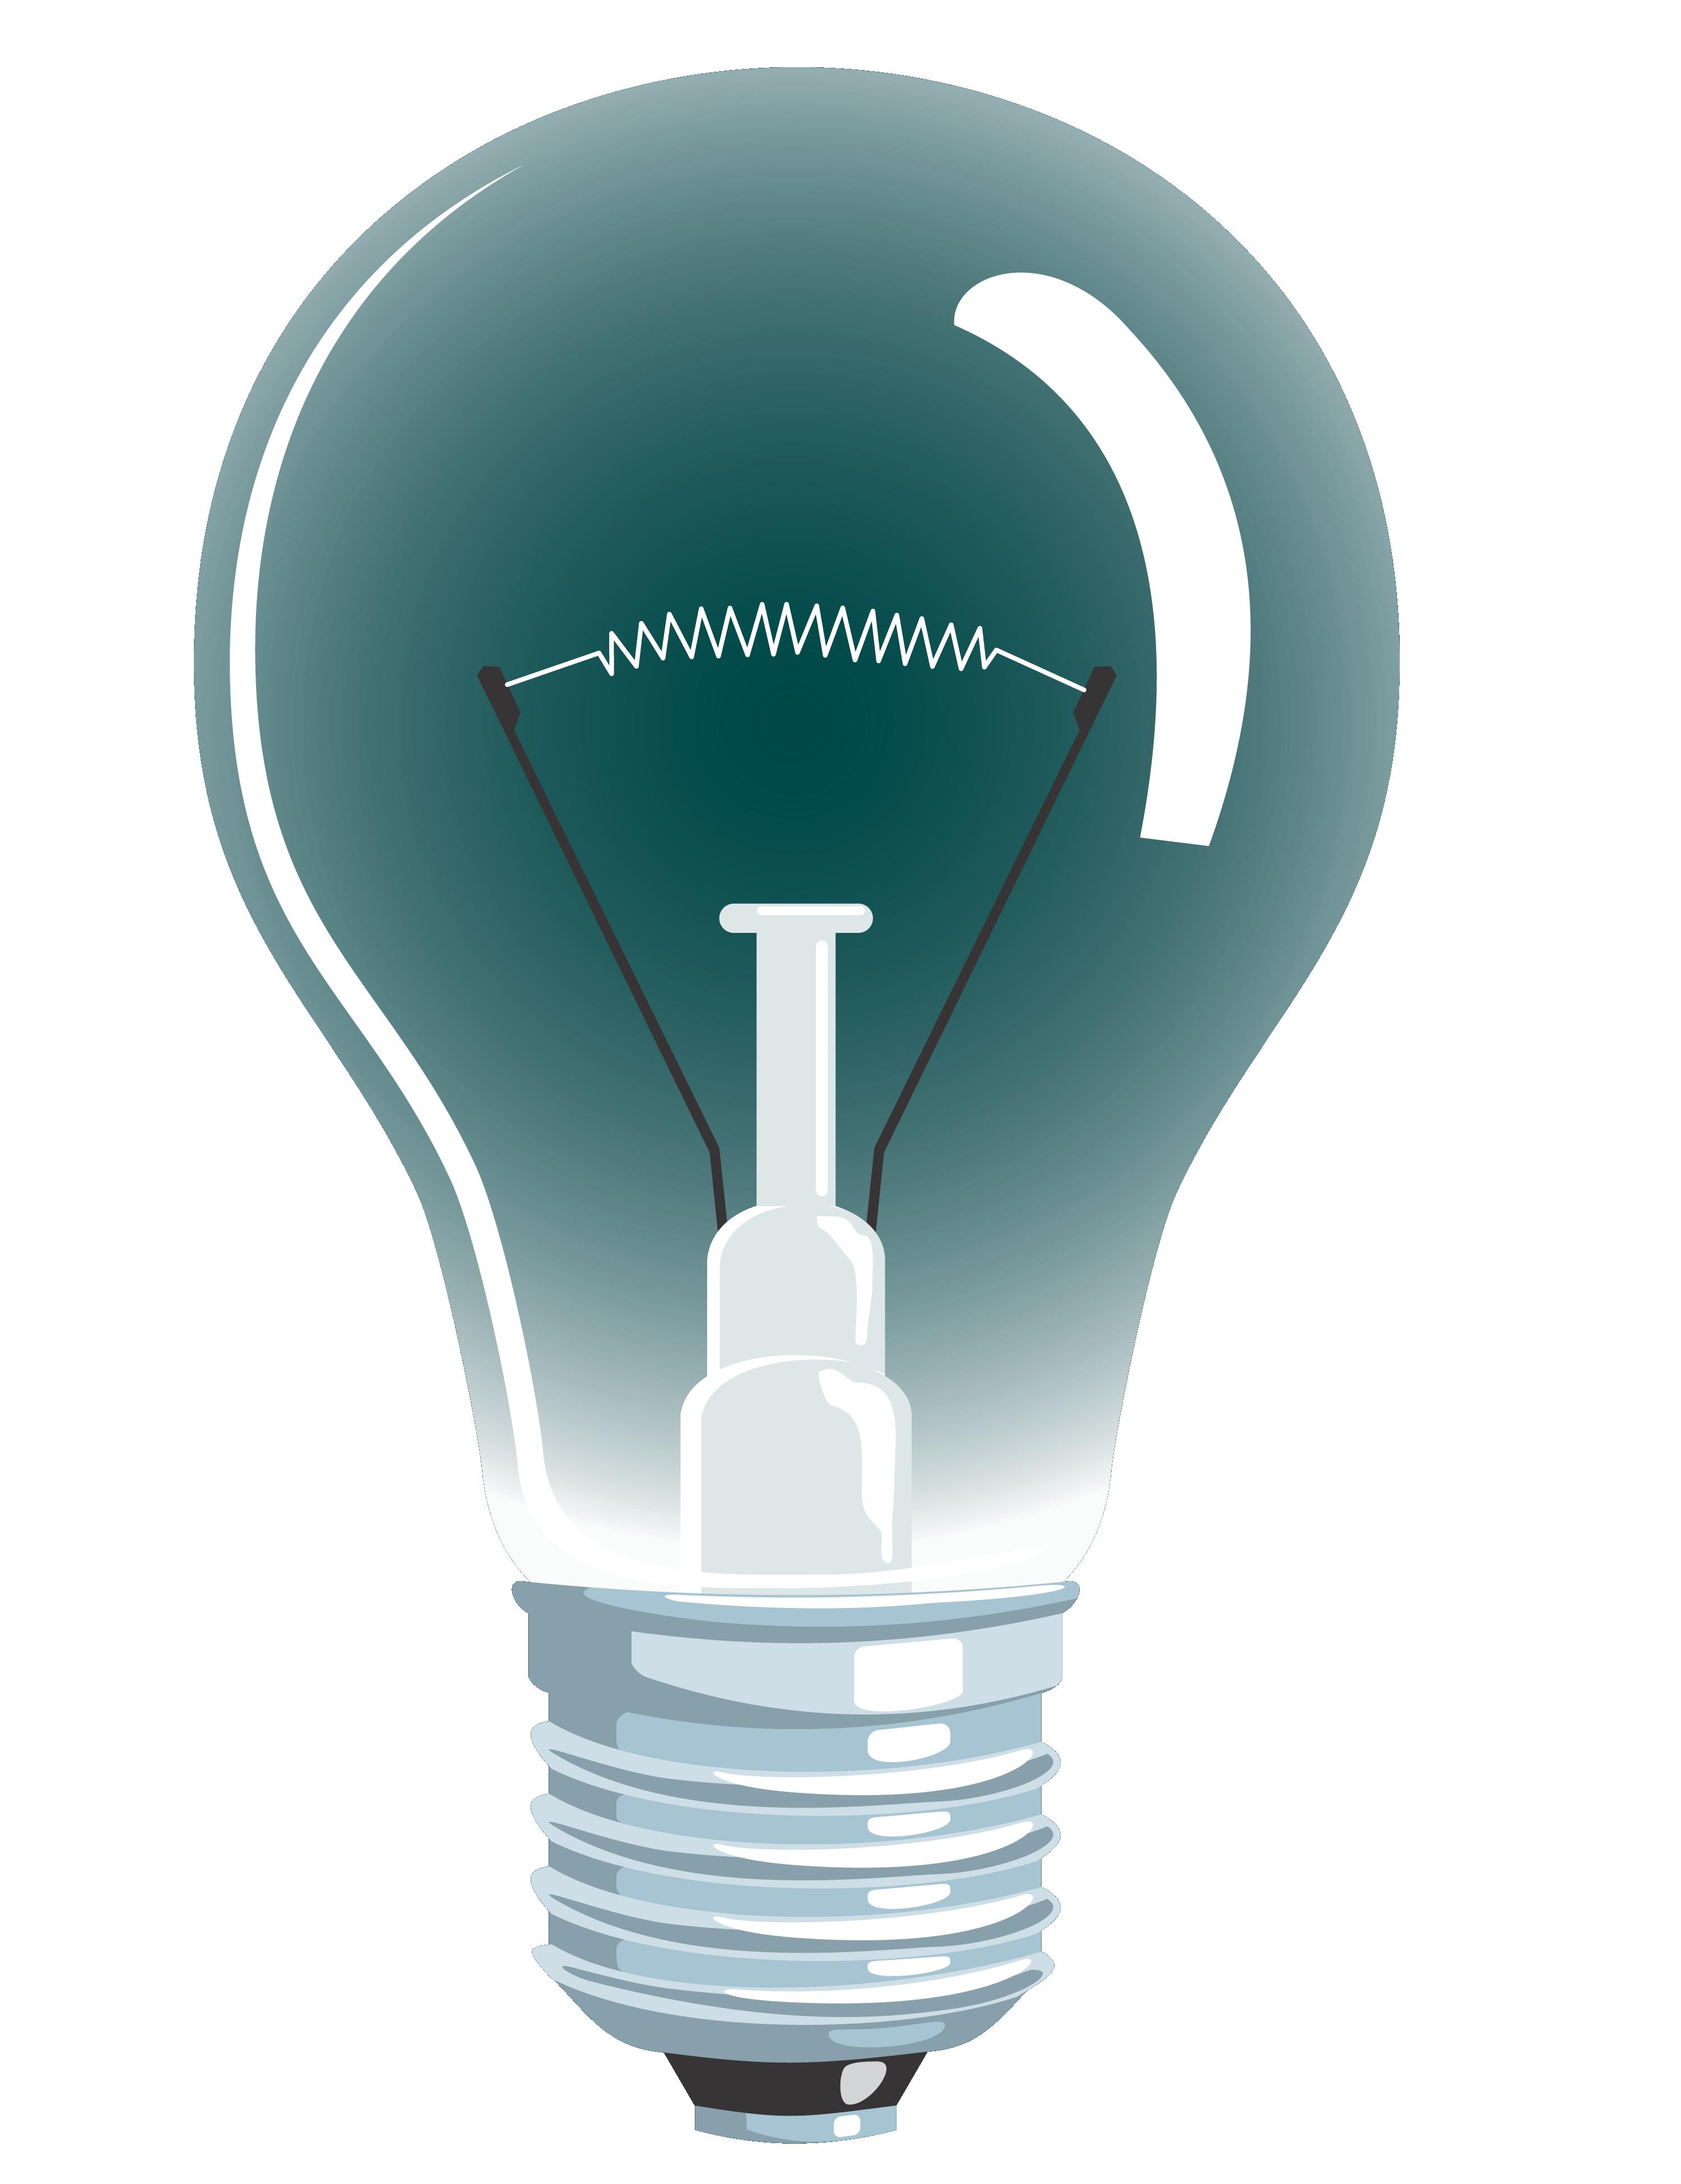 Bulb HD PNG - 118602